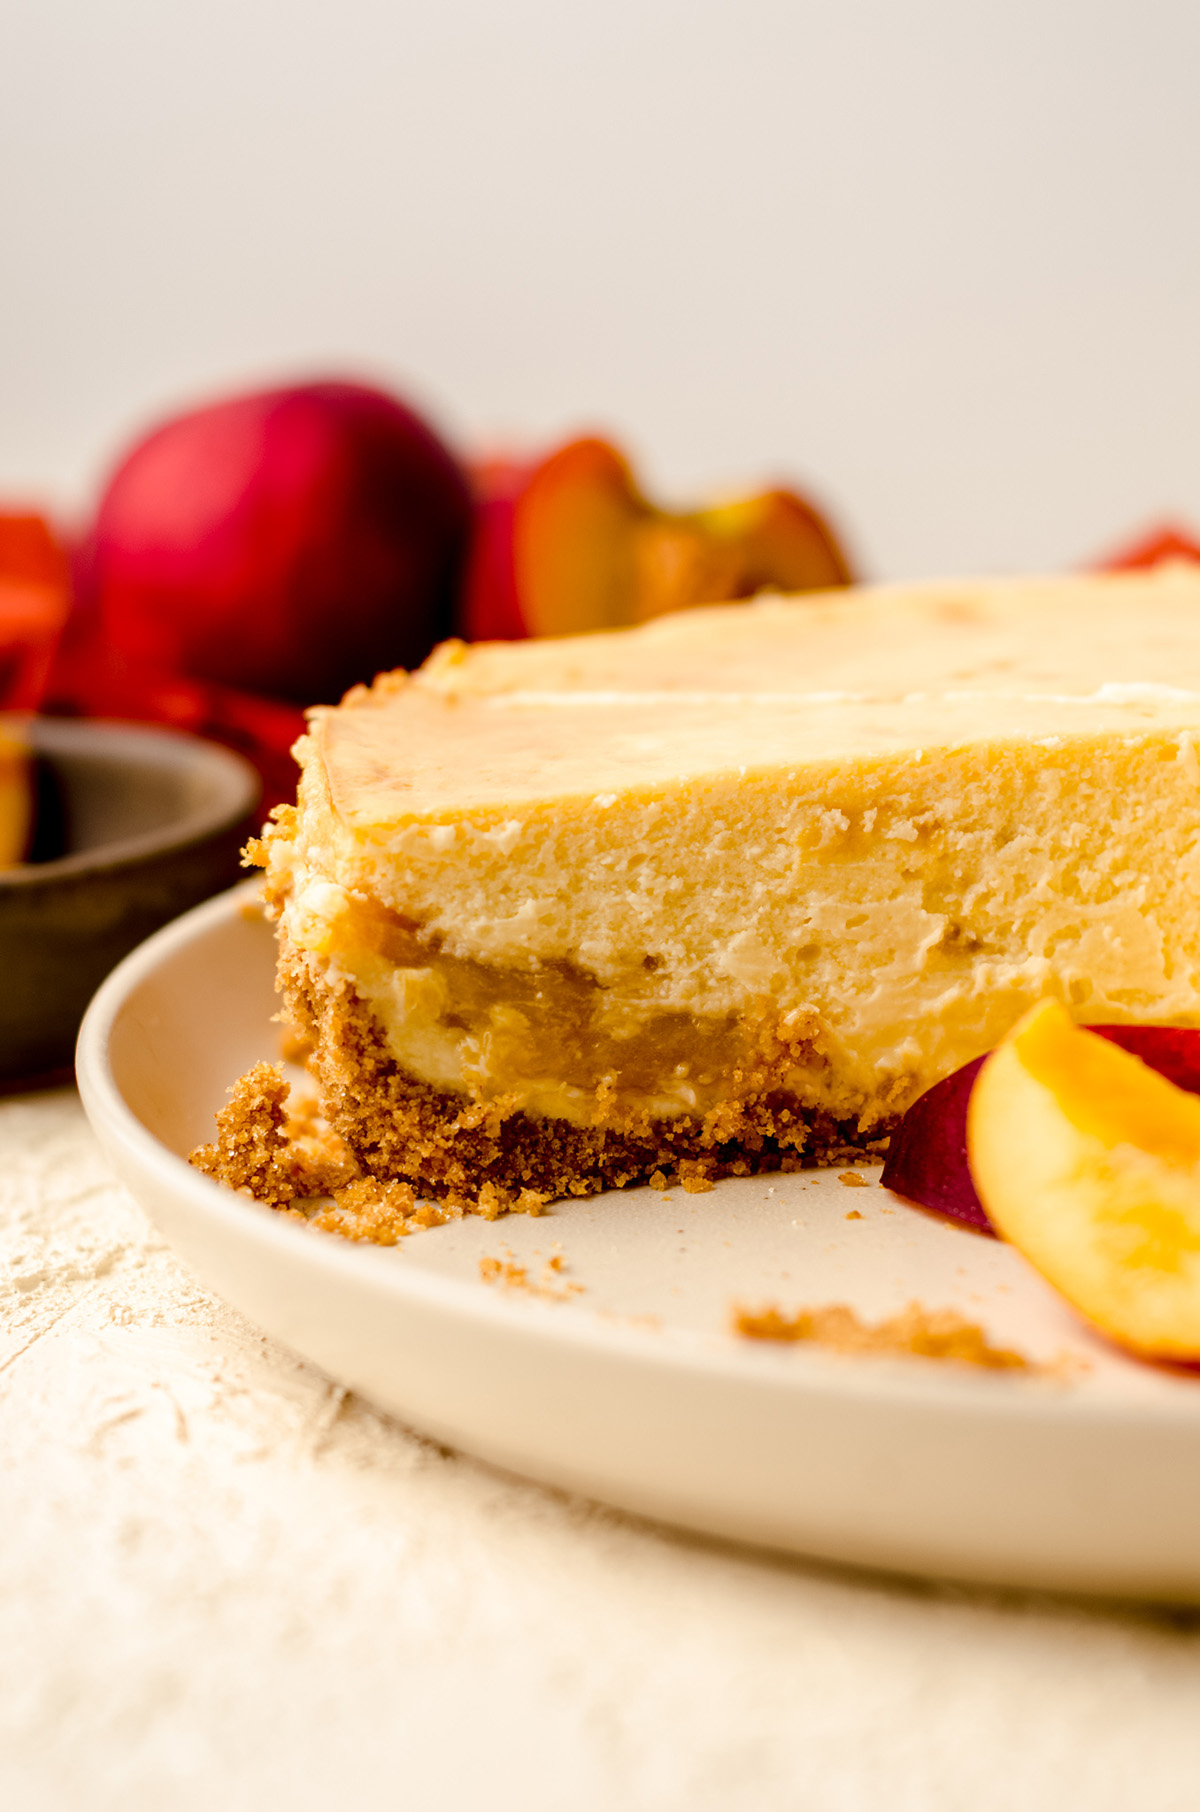 peach cheesecake on a plate